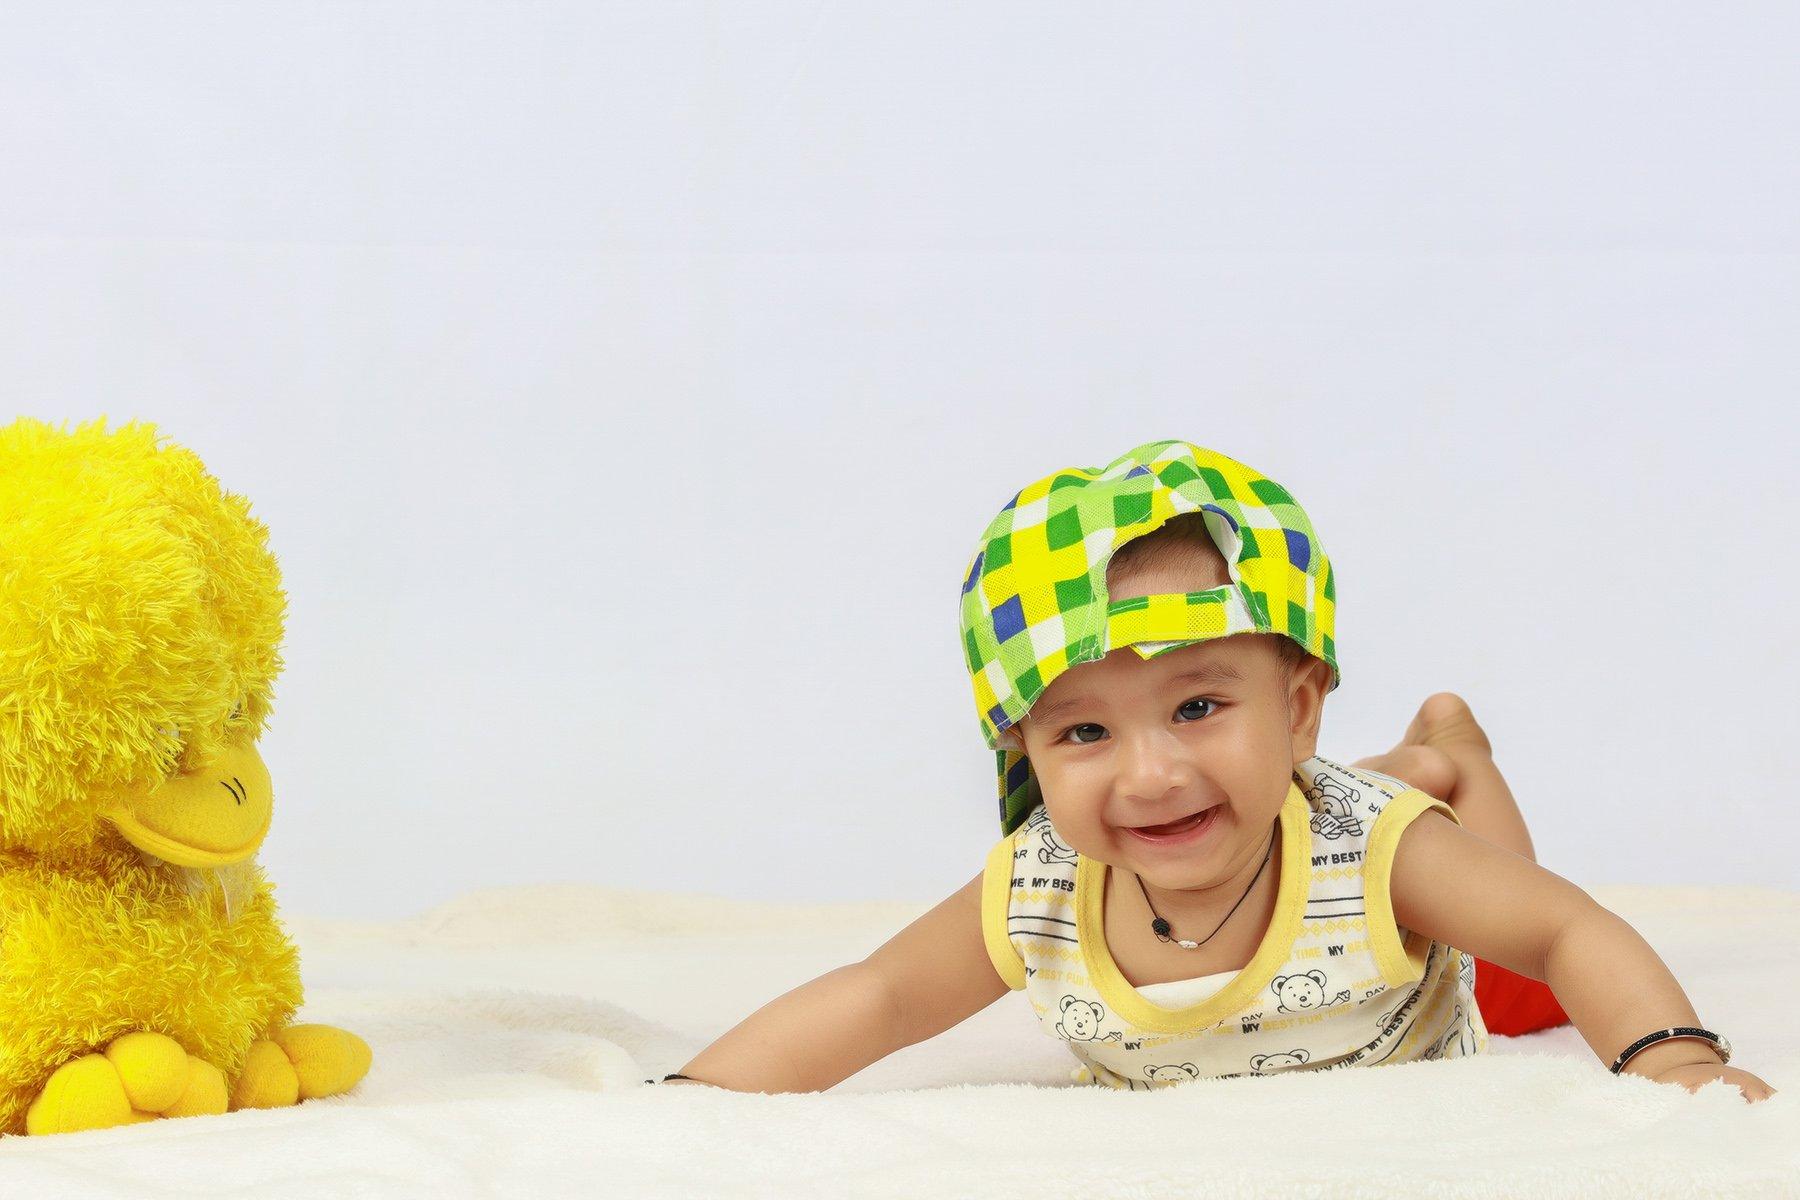 kids photoshoot kids photography baby boy photoshoot pre birthday photoshoot k